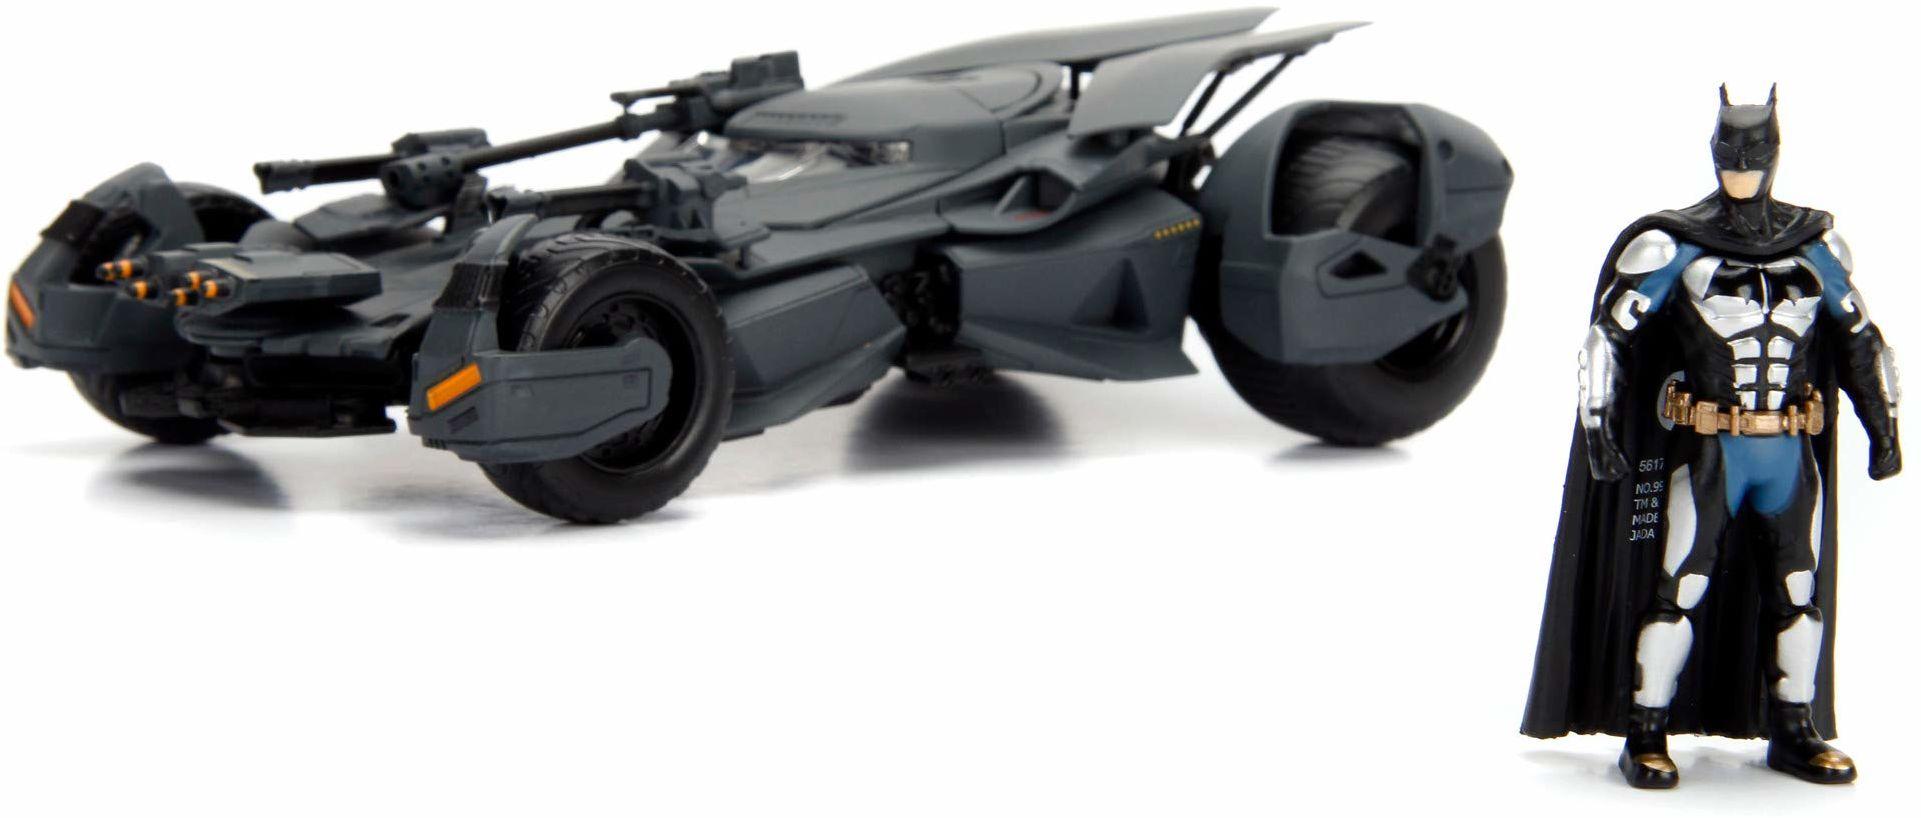 Jada Toys 253215000 Justice League Batmobil, samochód zabawkowy, model samochodu, Die-cast, drzwi do otwierania, wraz z figurką Batmana, skala 1:24, czarny, Talla uniwersalna nica